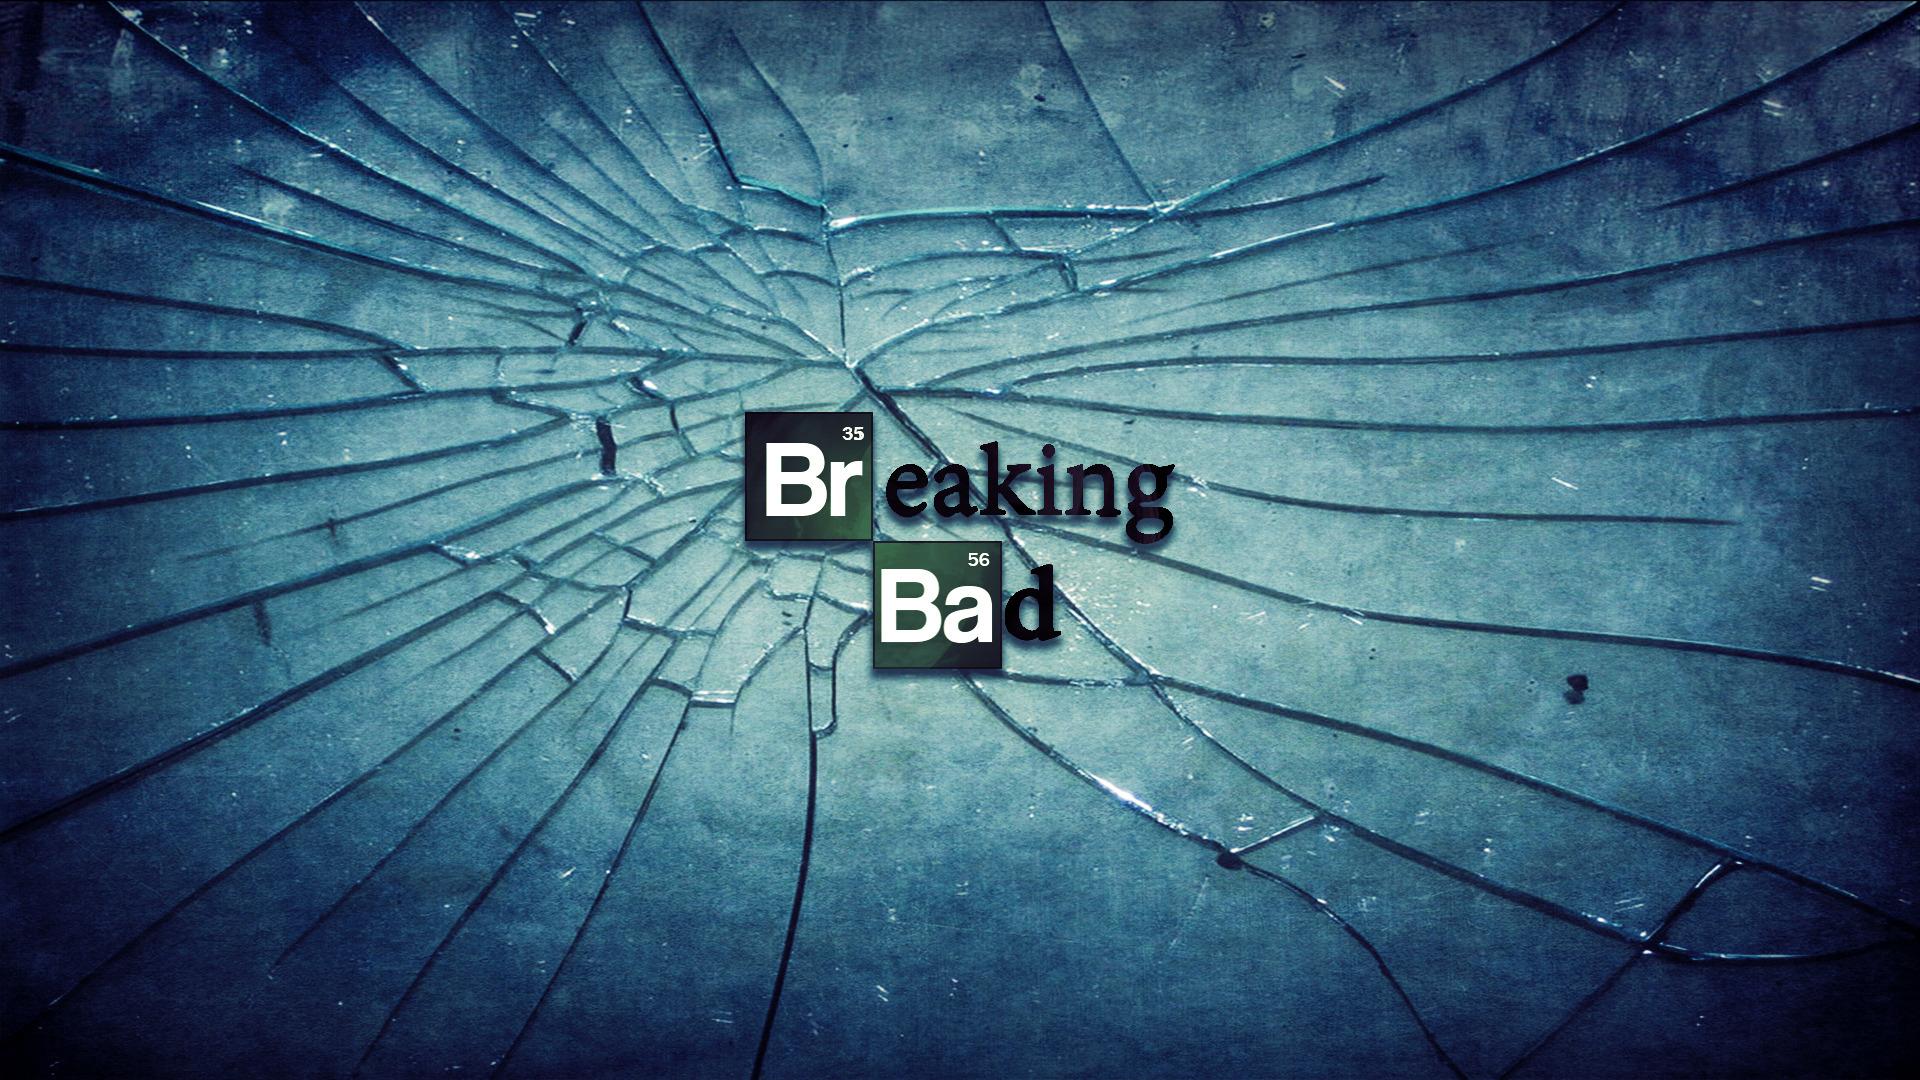 Breaking Bad Wallpapers 1920x1080